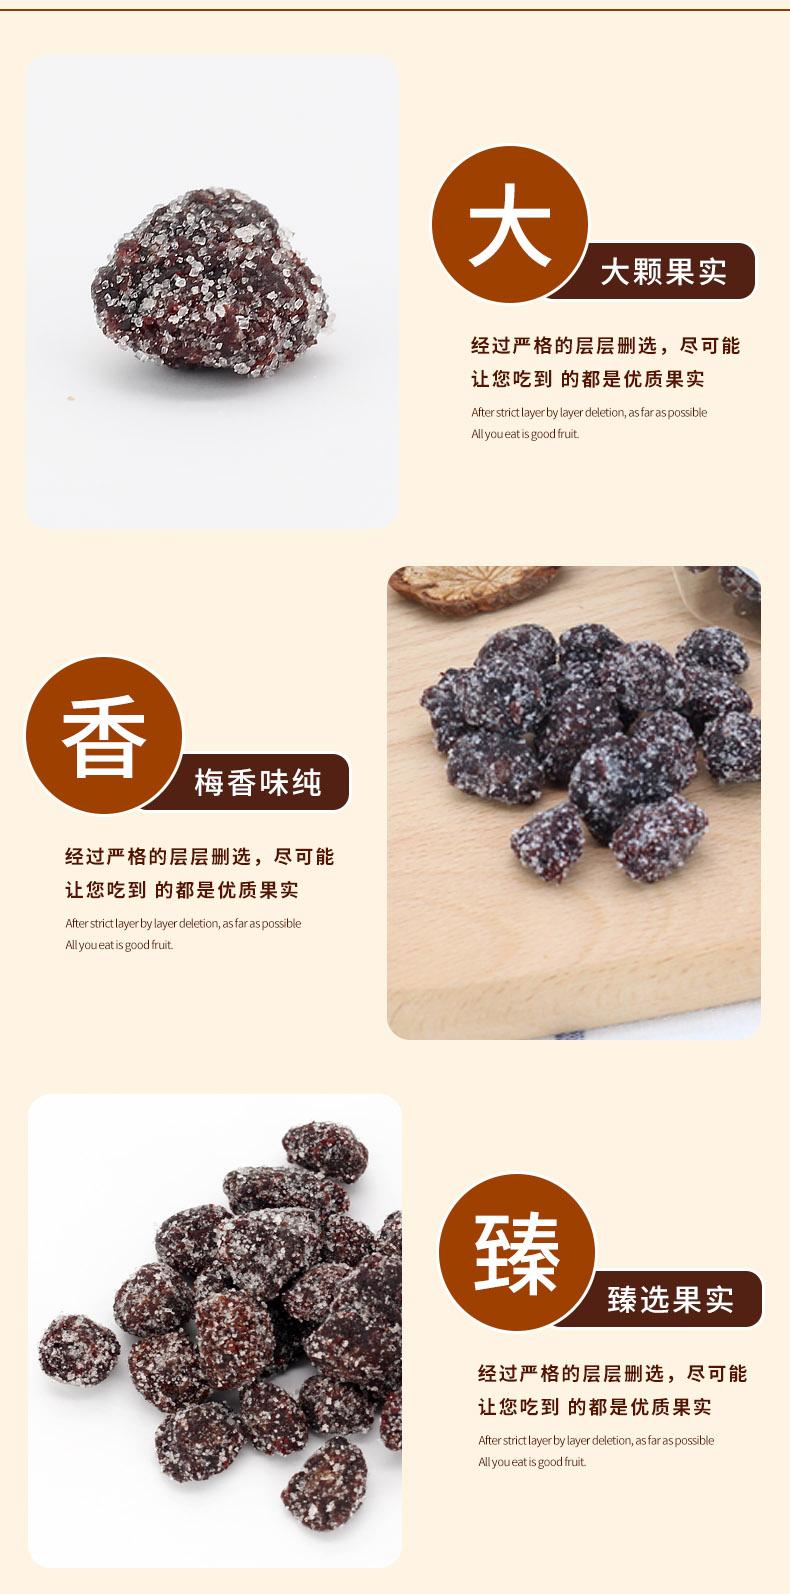 冰糖杨梅详情页5